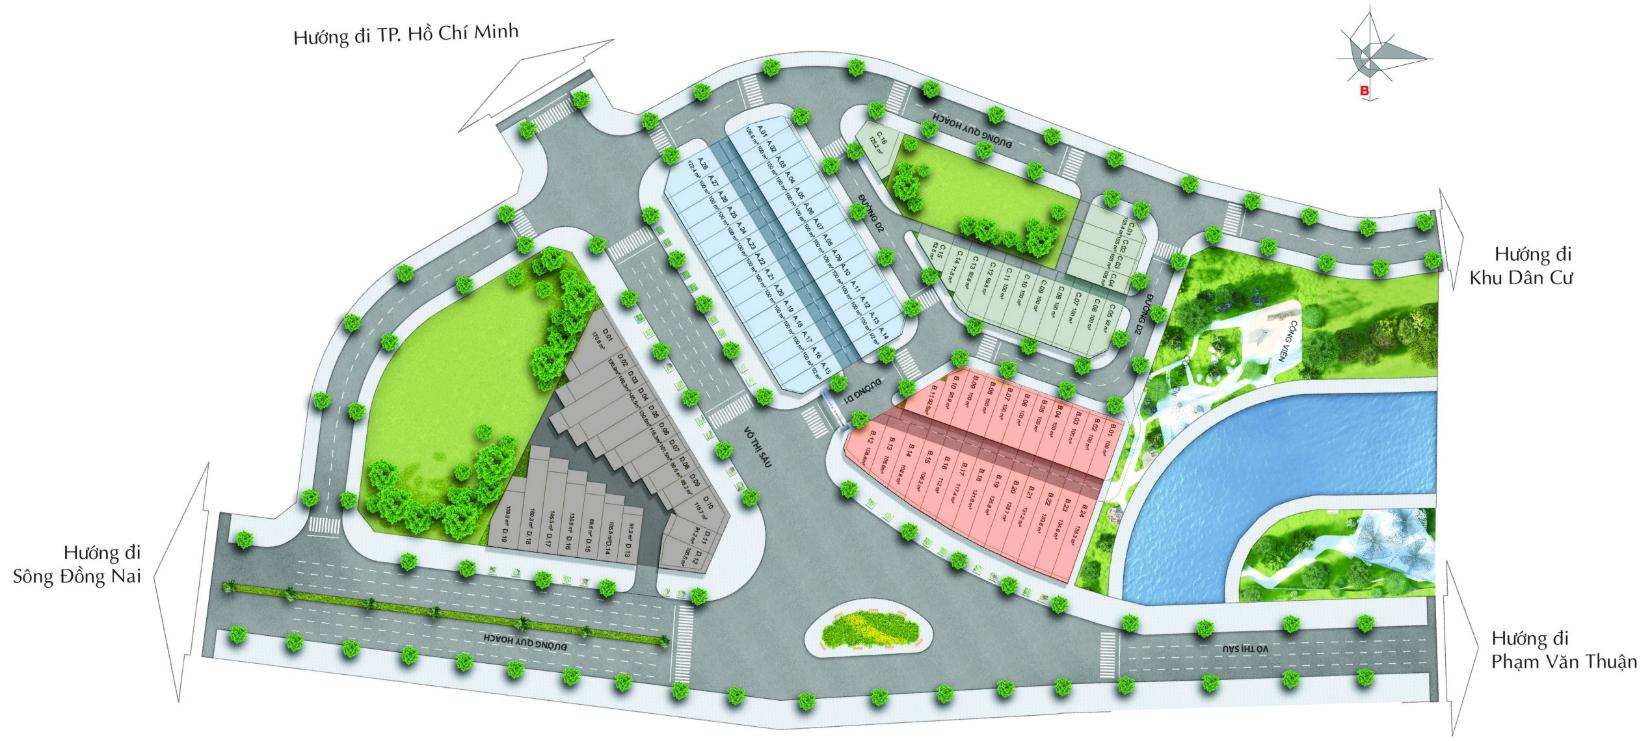 Sơ đồ mặt bằng dự án nhà phố Diamond Central Biên Hòa Đồng Nai chủ đầu tư Gotecland